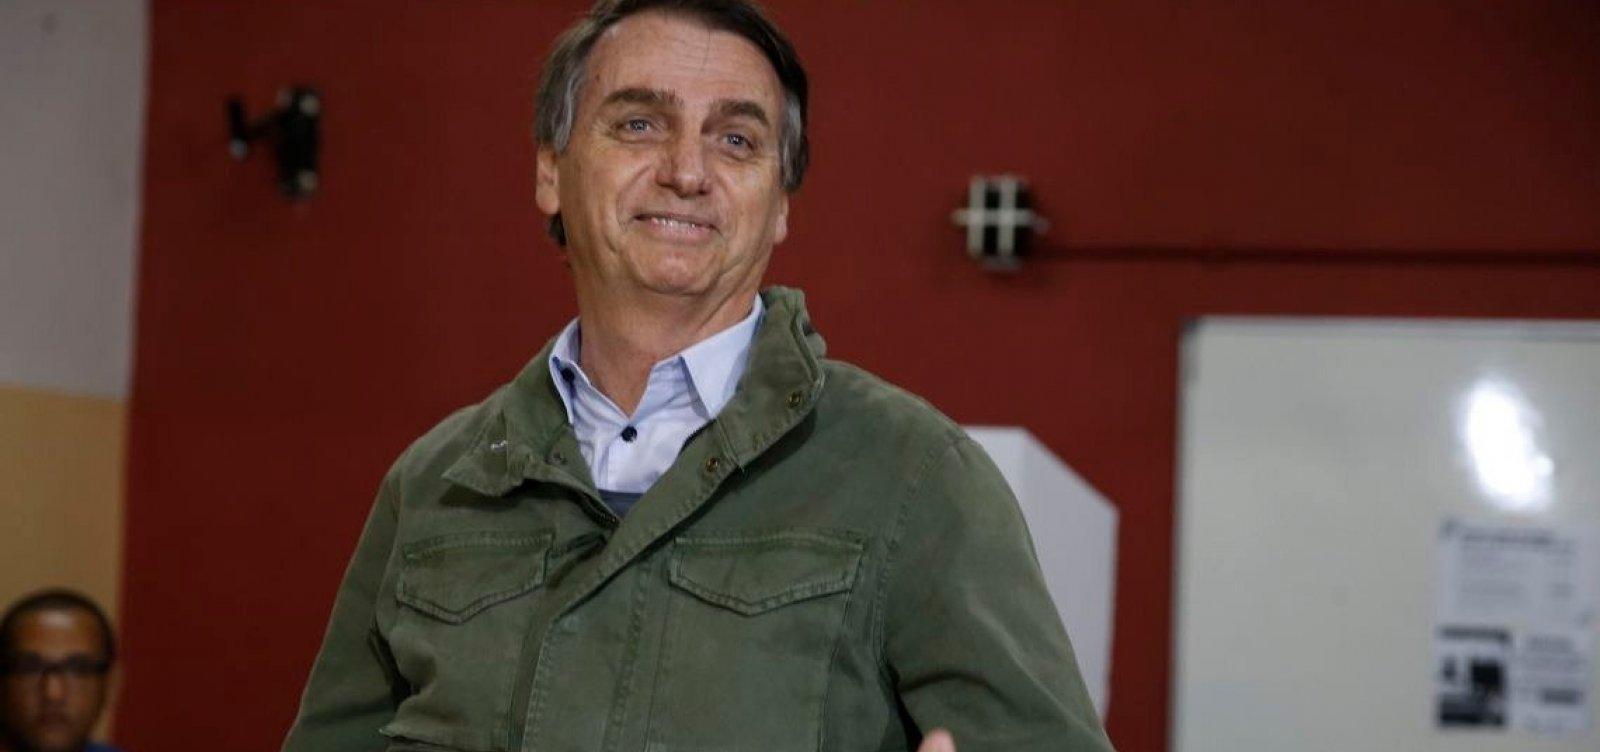 [Após ser eleito, Bolsonaro diz que irá governar com 'ensinamentos de Deus e Constituição']